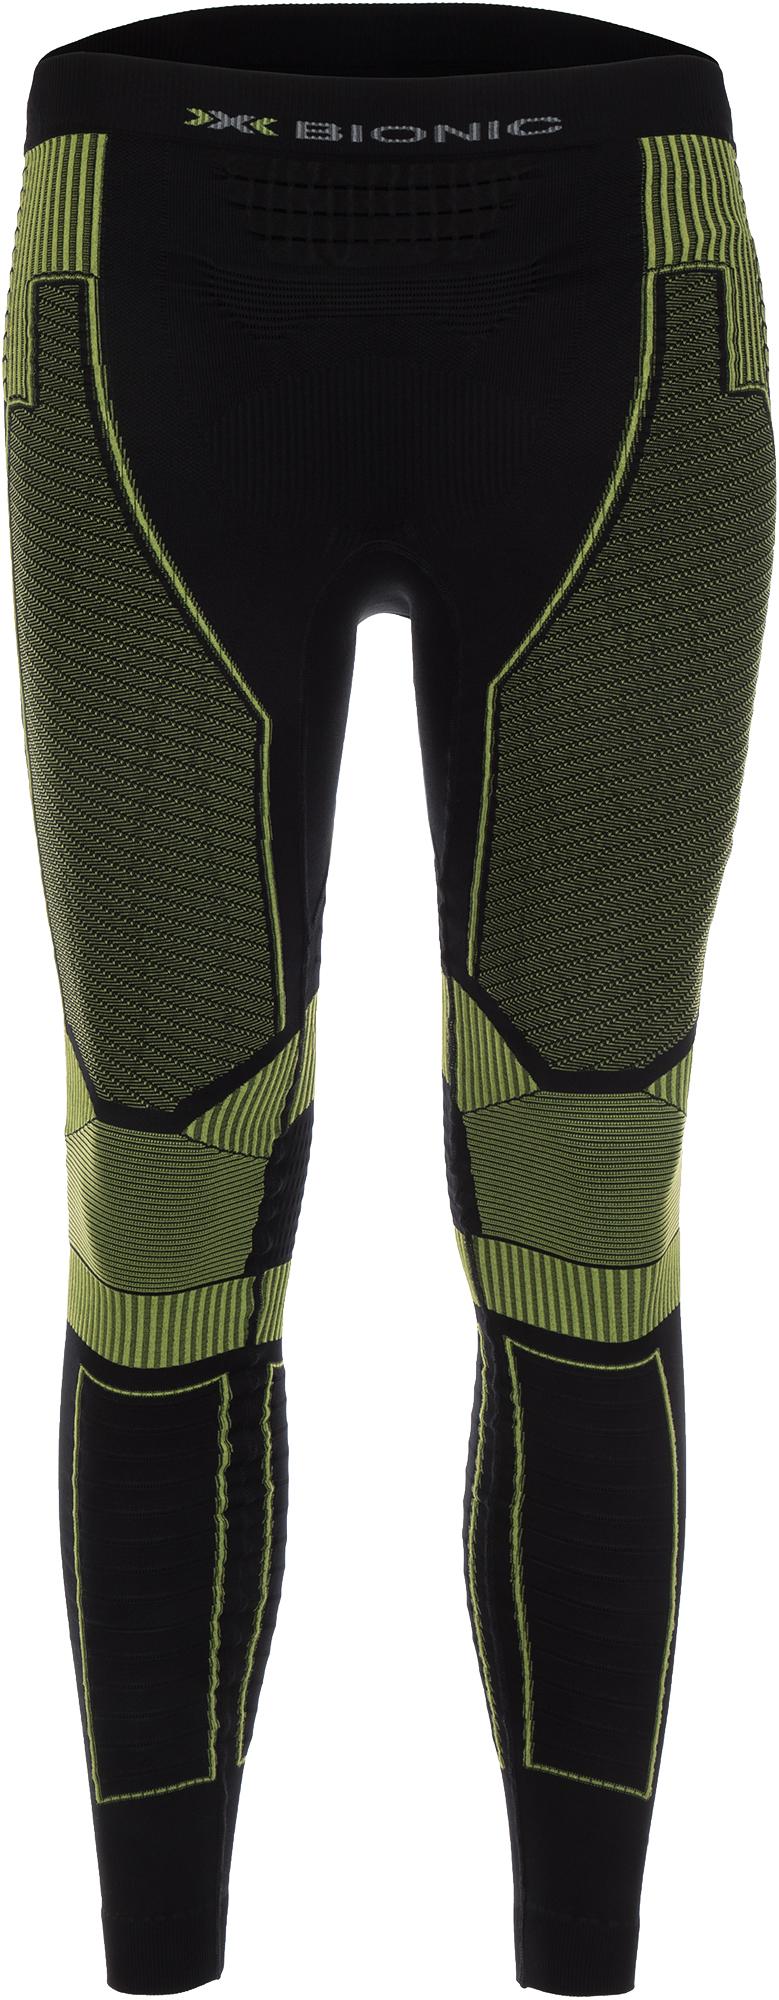 X-Bionic Тайтсы мужские X-Bionic Effector Power Ow, размер 54 футболка x bionic x bionic effektor running powershirt®